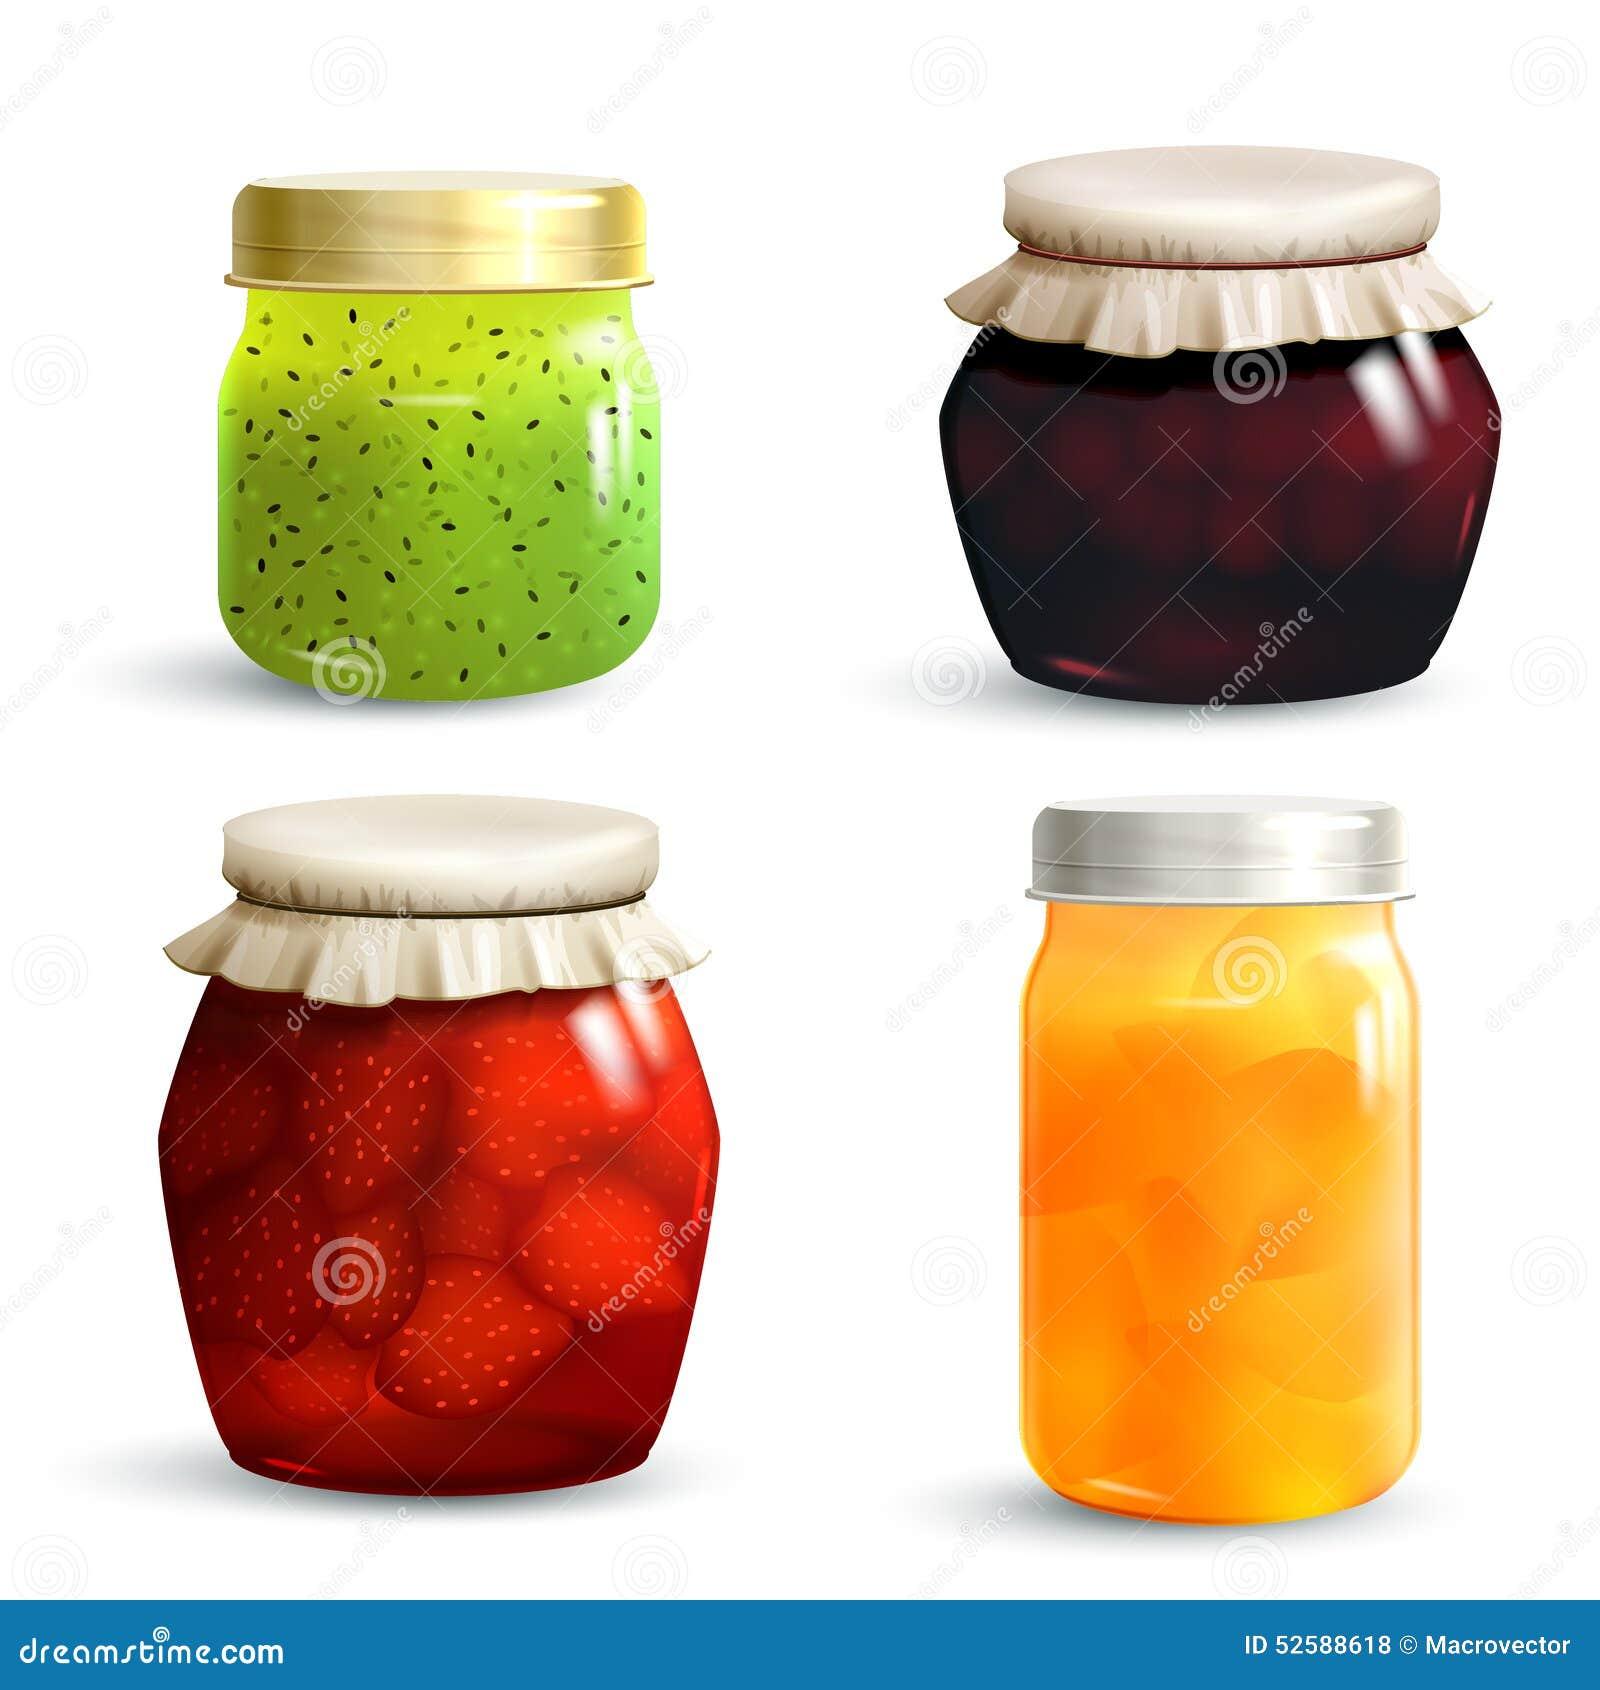 how to make kiwi jam at home